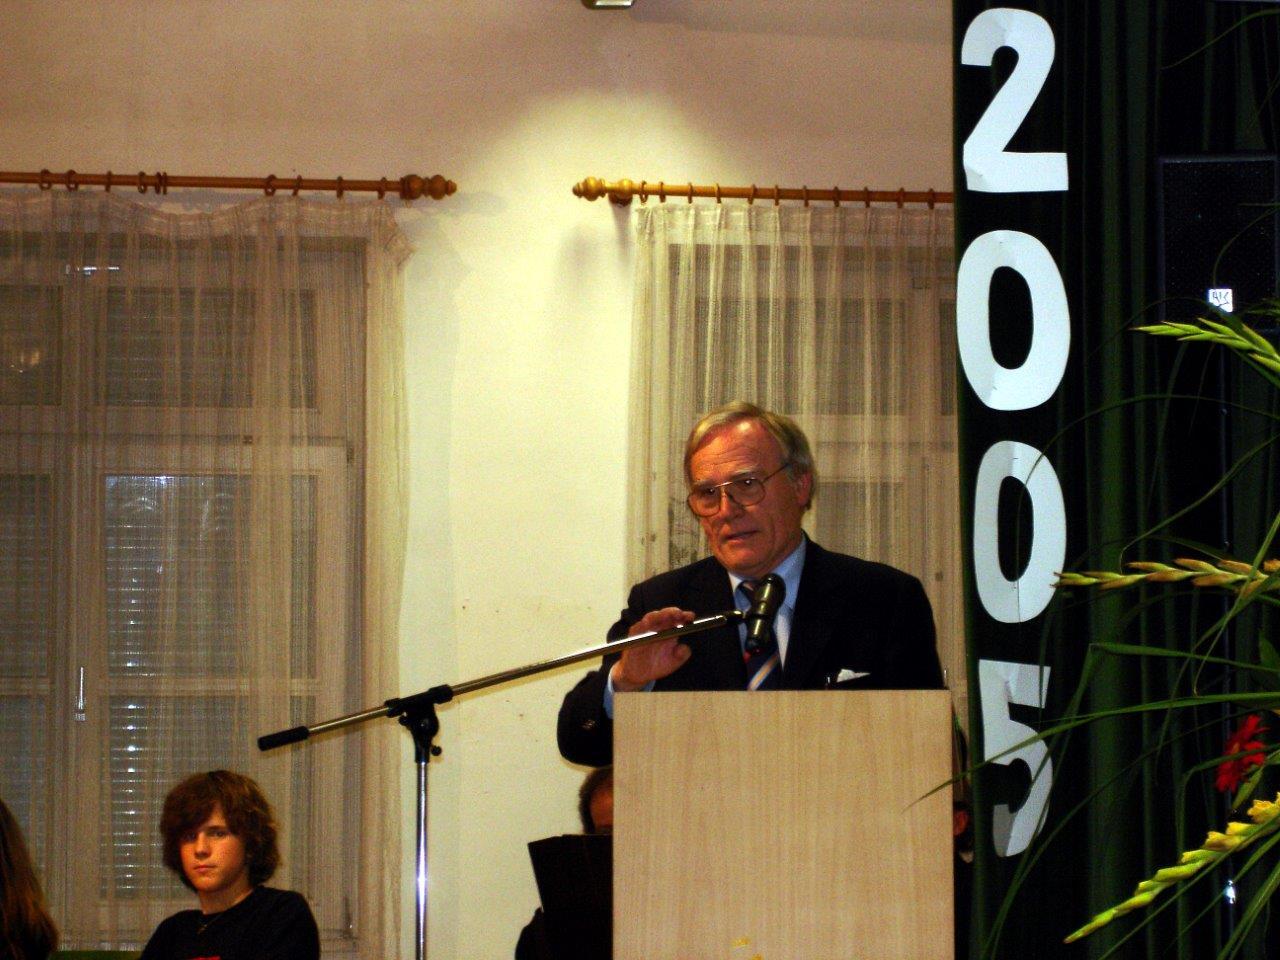 Ansprache von Dr. Götz Hartzng - Vorsitzender des DRK-Kreisverbands Ulm